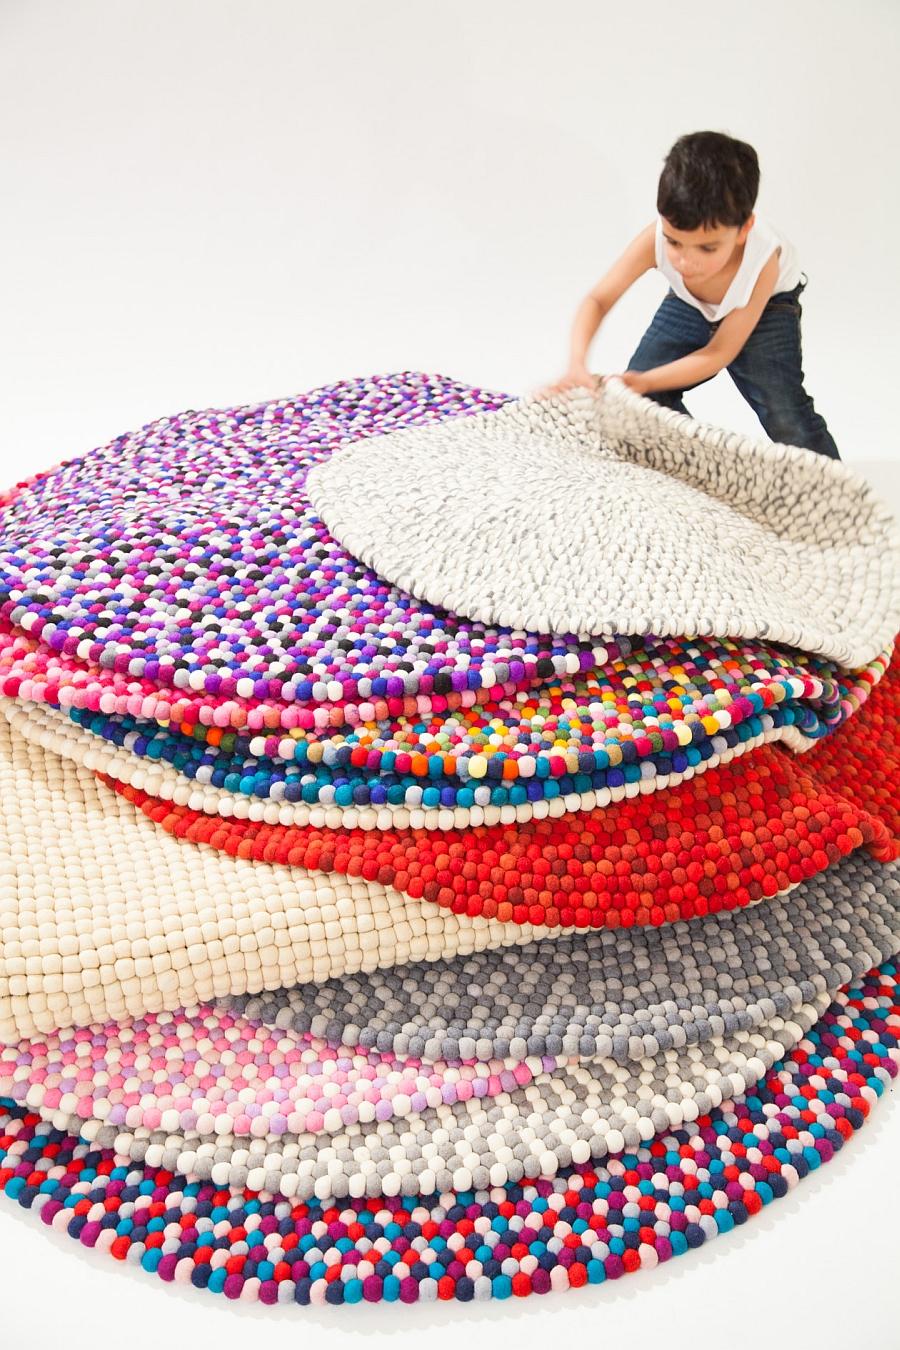 Яркие коврики из шерстяных шариков